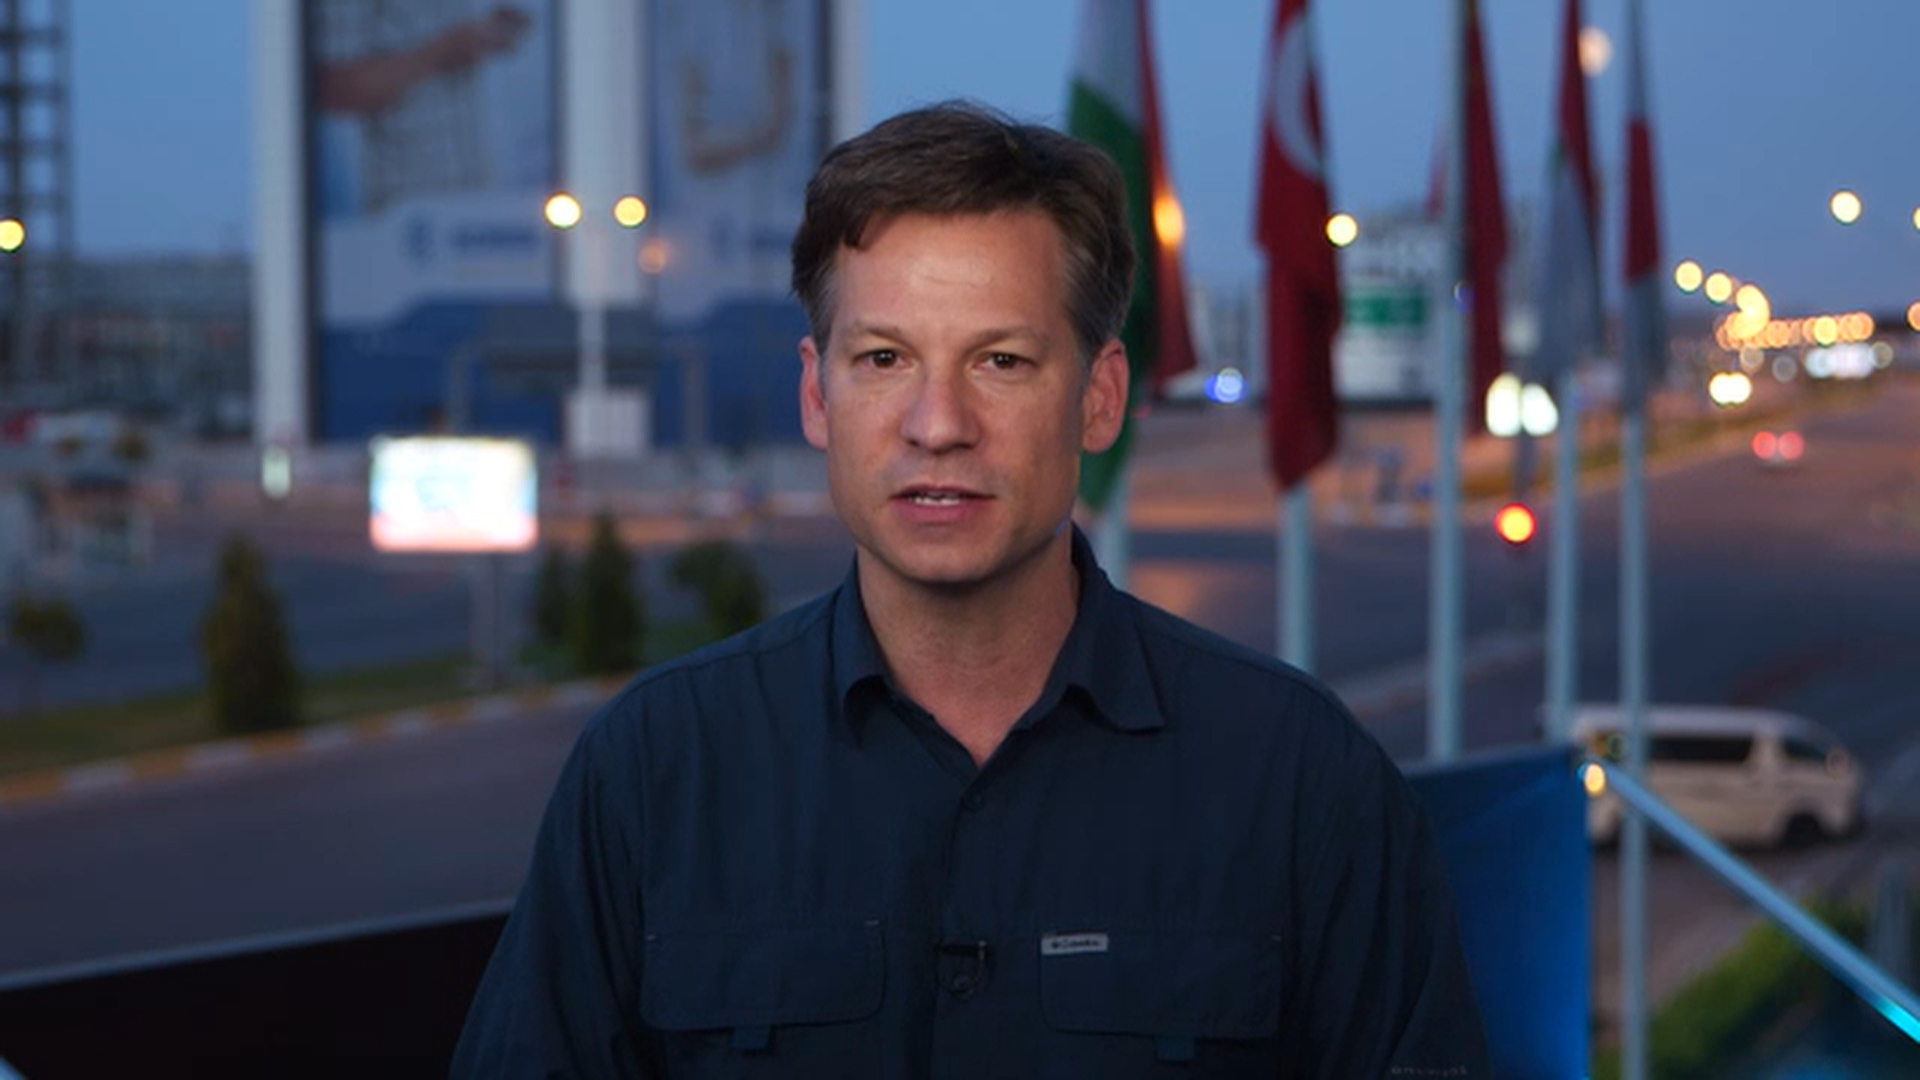 Engel: Iraq headed for civil war